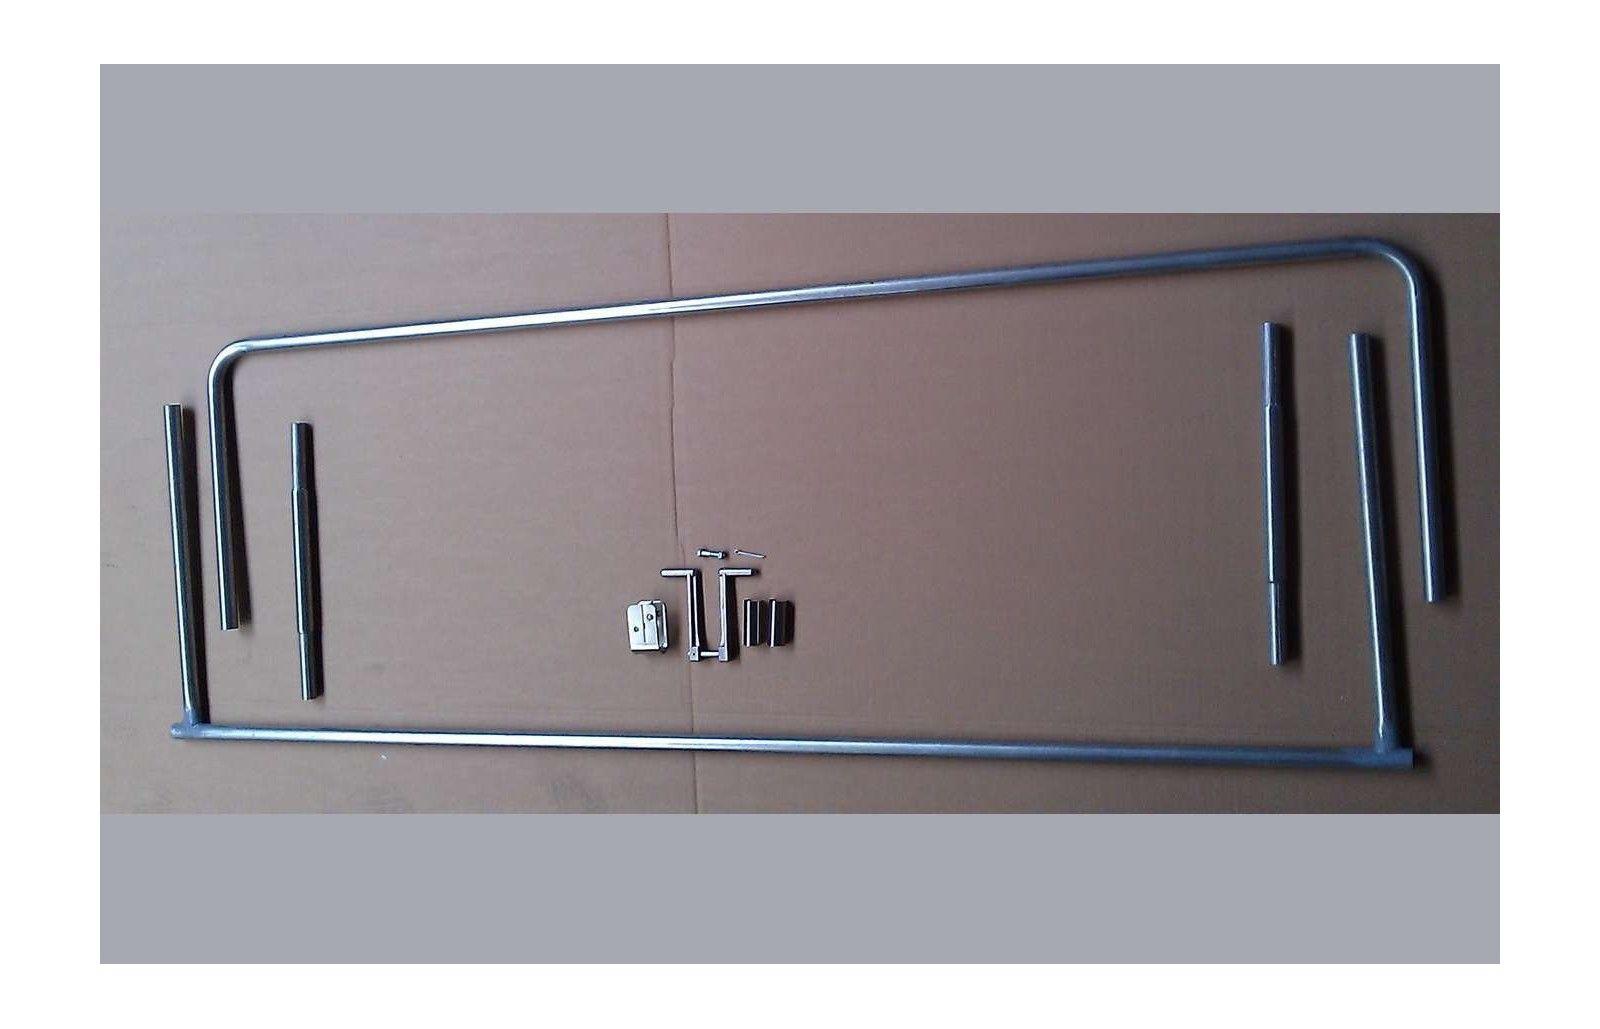 Cadre de porte kit poignee serre super serres tonneau for Largeur cadre de porte